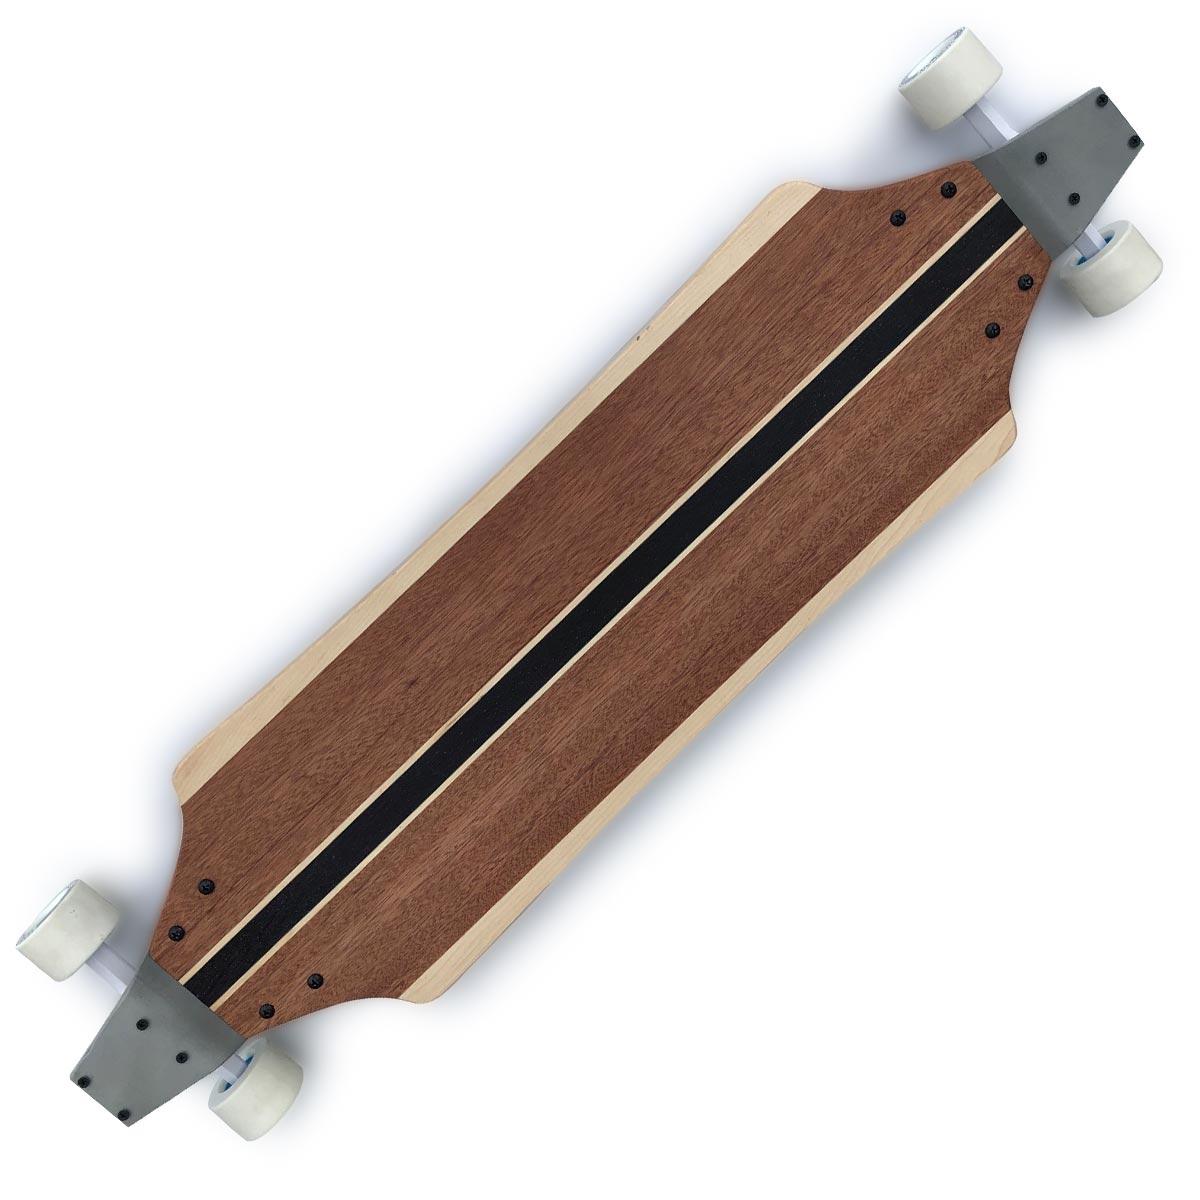 New Titan FSS handcrafted Skateboard 44 in